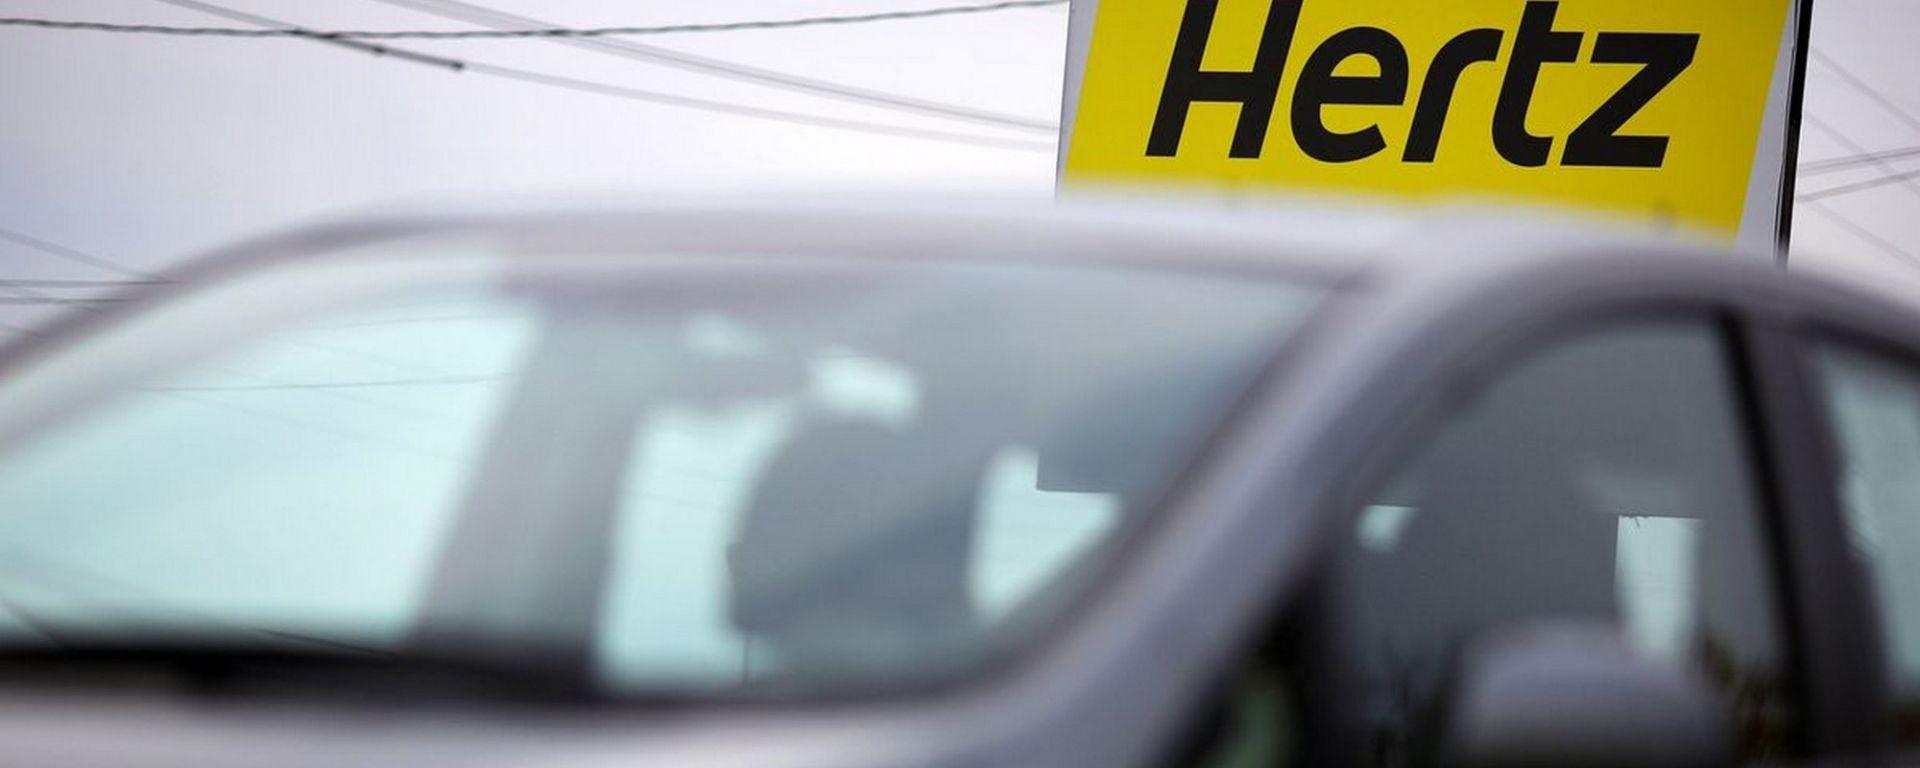 Hertz, autonoleggio ma non solo. Anche vendita auto usate